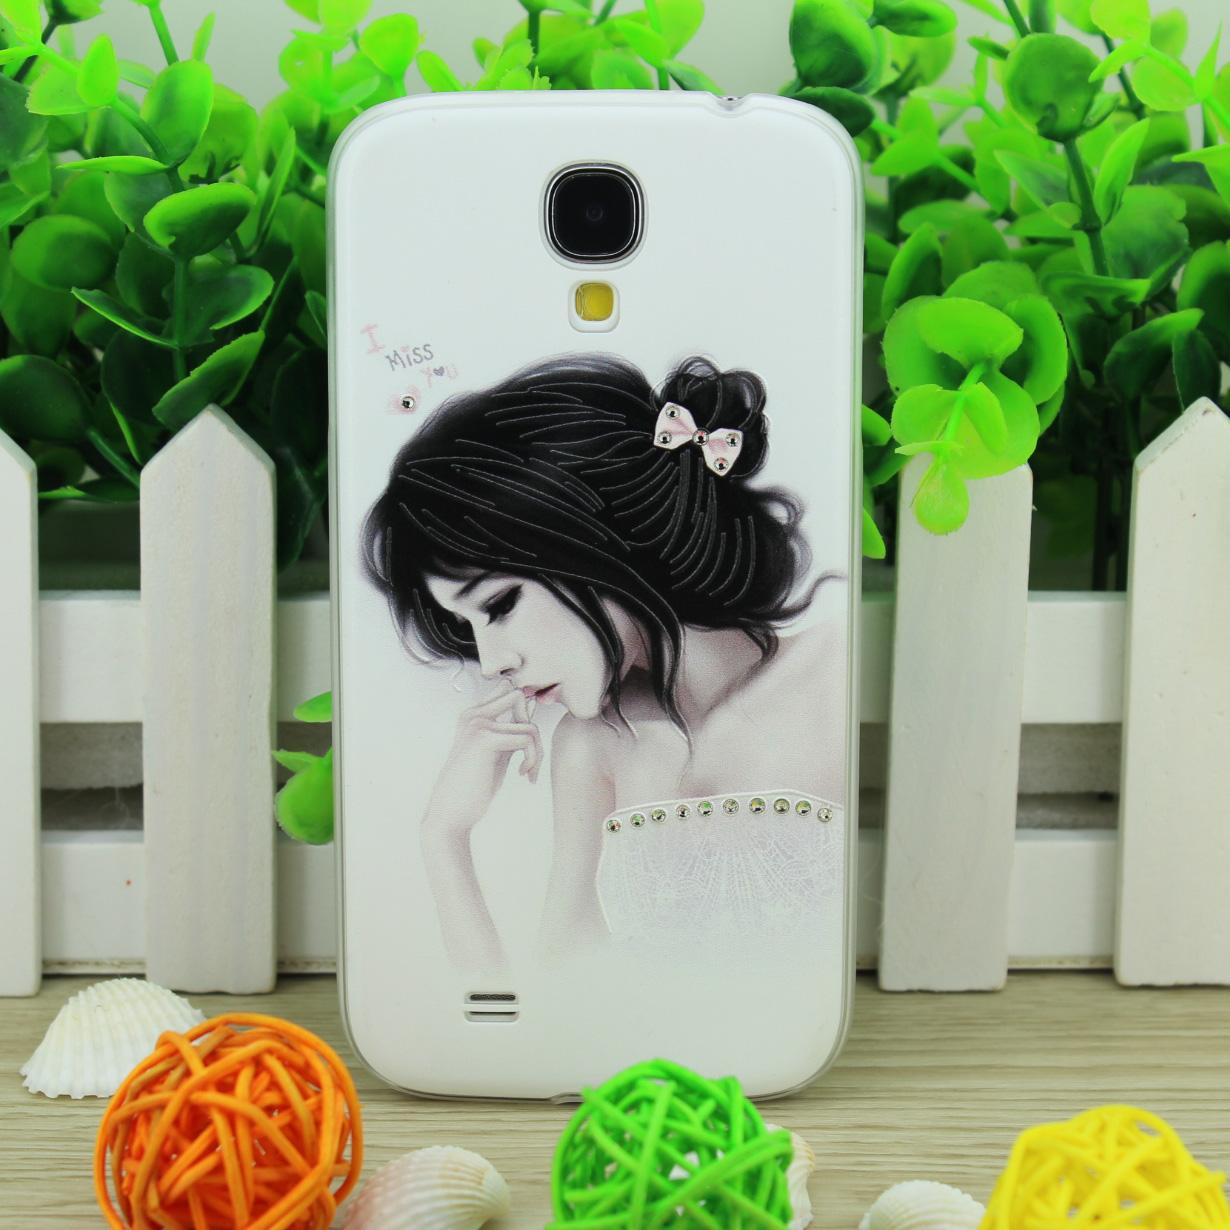 Чехлы, Накладки для телефонов, КПК Ou Xuan I9500 Galaxy S4 I9508